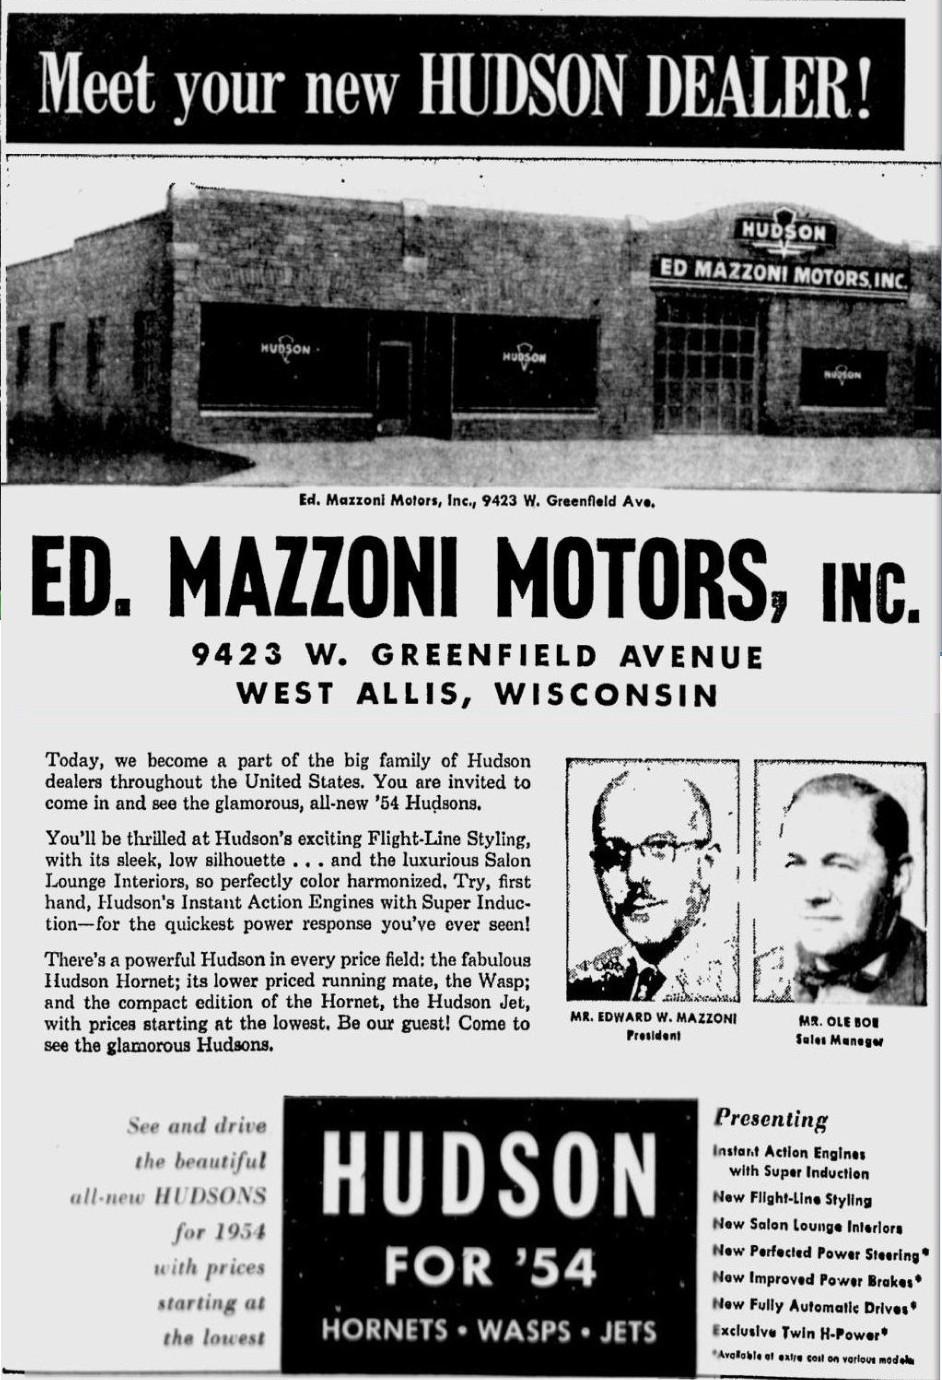 Used car dealerships in casper wy for Coliseum motor company casper wy